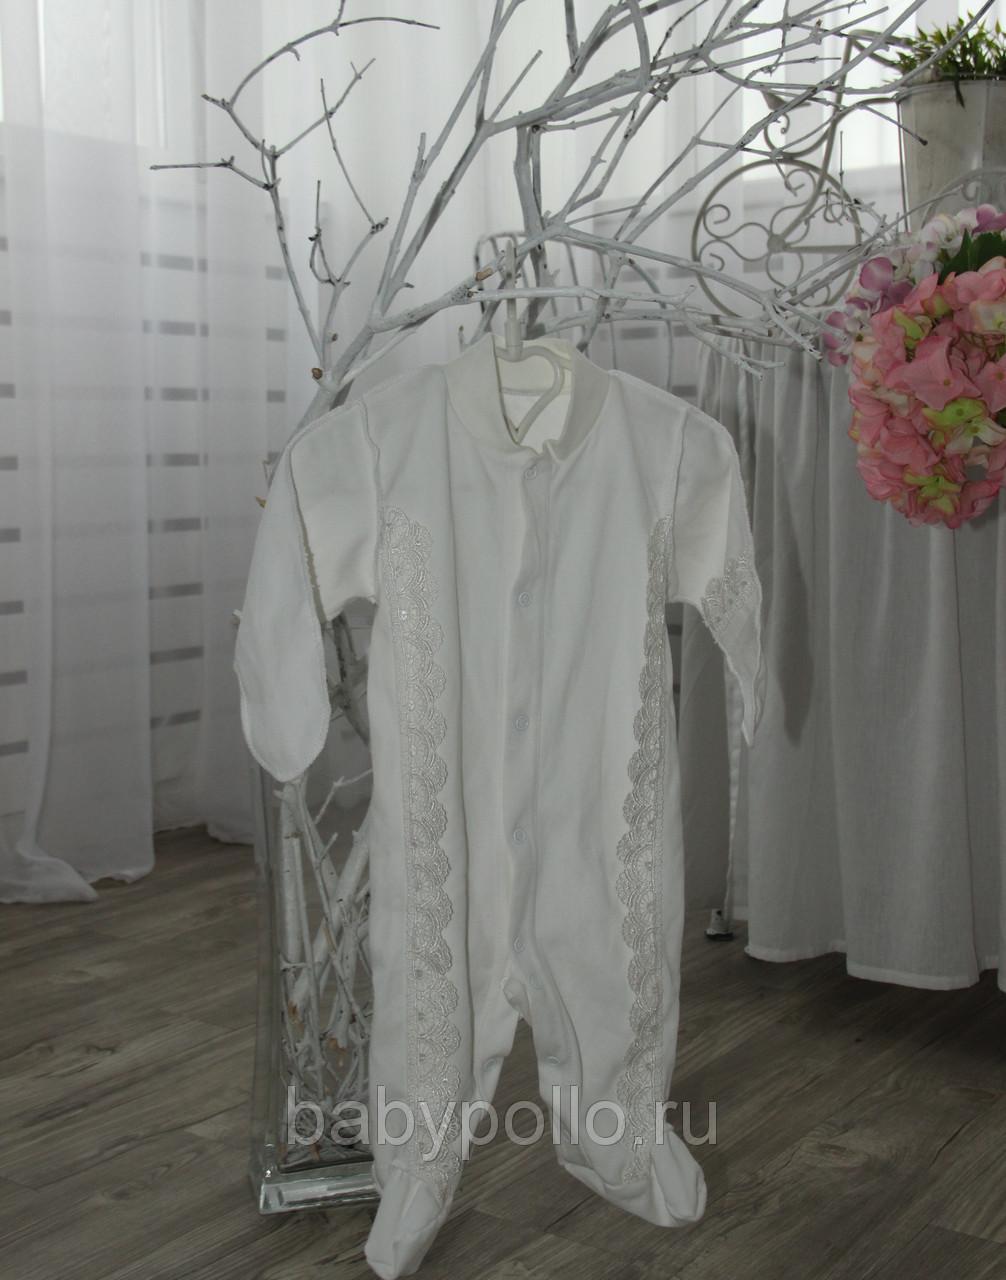 Сбор заказов.Самая изысканная и нарядная одежда для новорожденных ТМ Pollo.Новая коллекция Выкуп 18